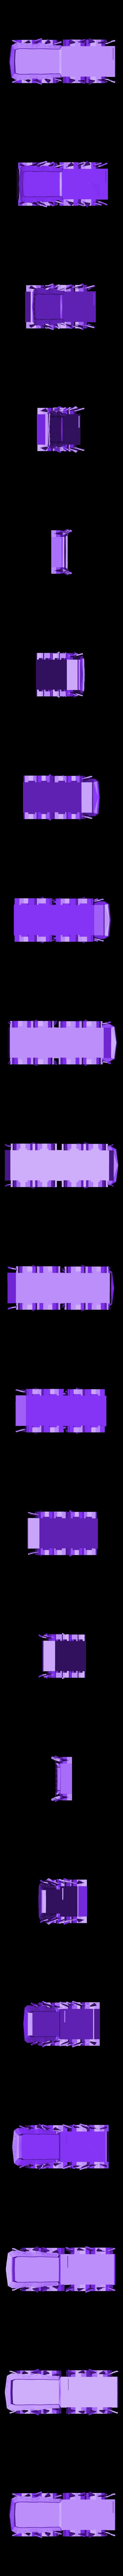 chassi.stl Télécharger fichier STL gratuit KustomWagon (en plusieurs pièces) • Objet imprimable en 3D, Savex